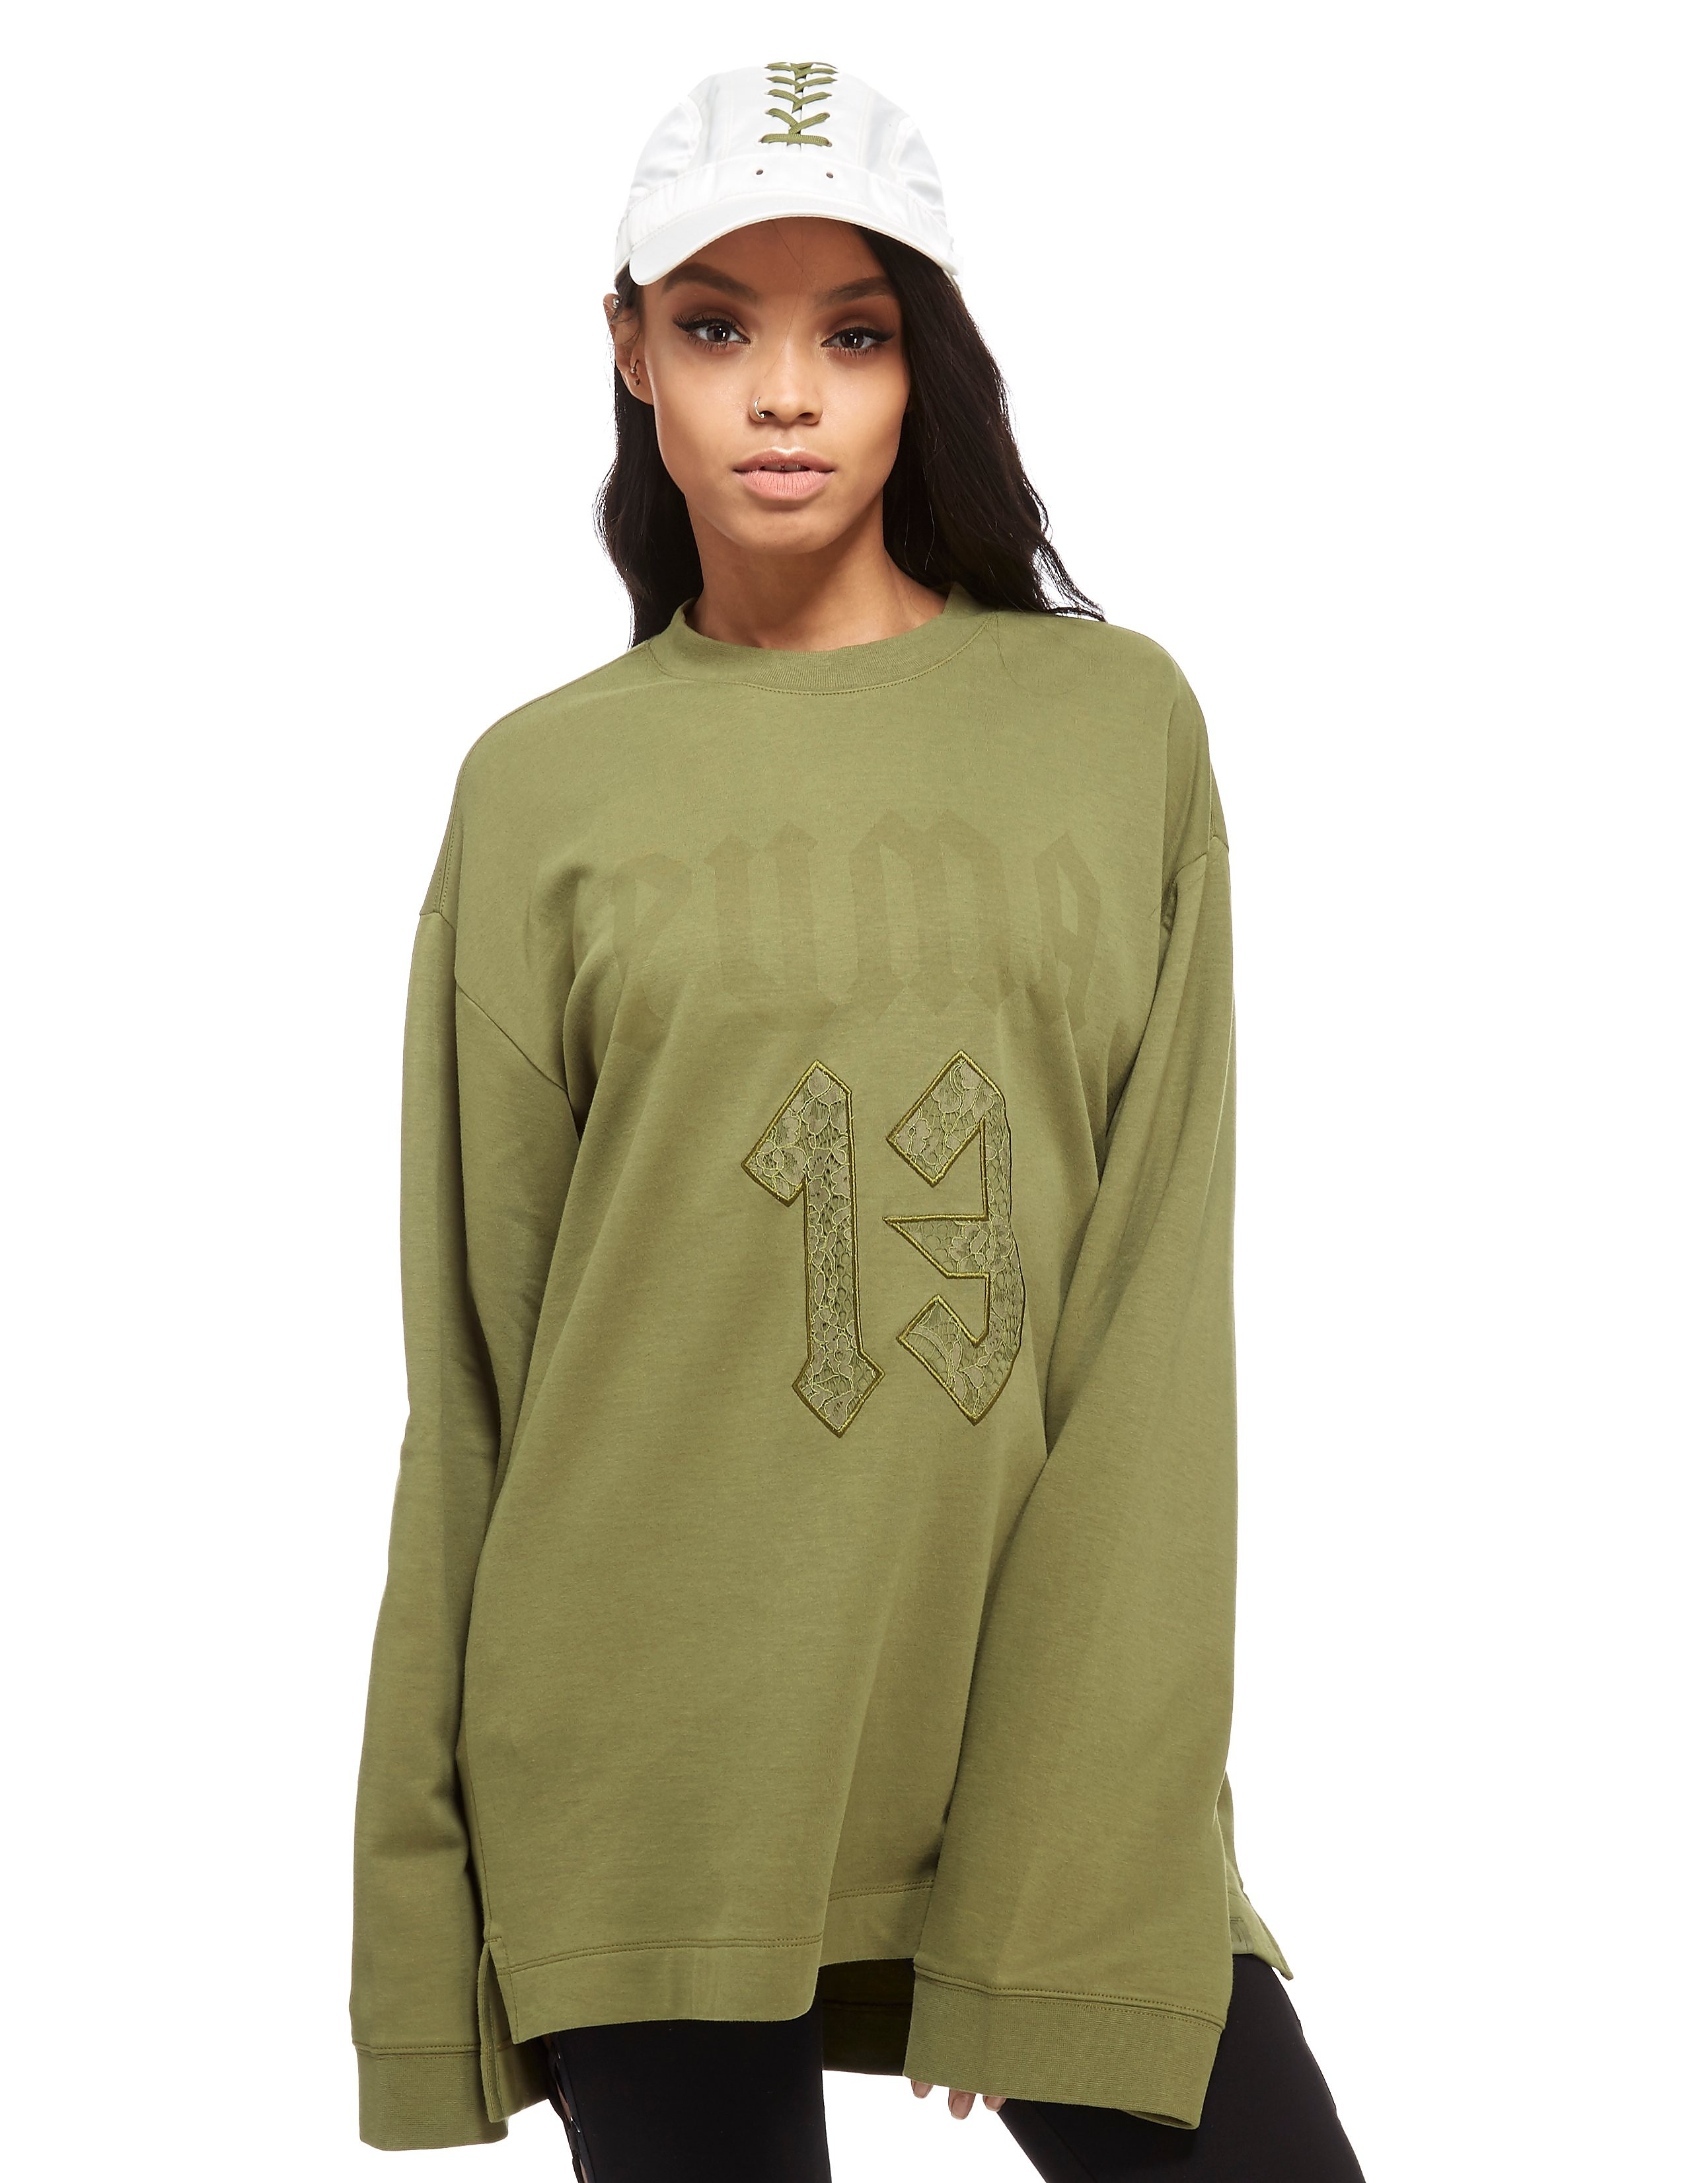 PUMA x Fenty Longsleeve T-Shirt